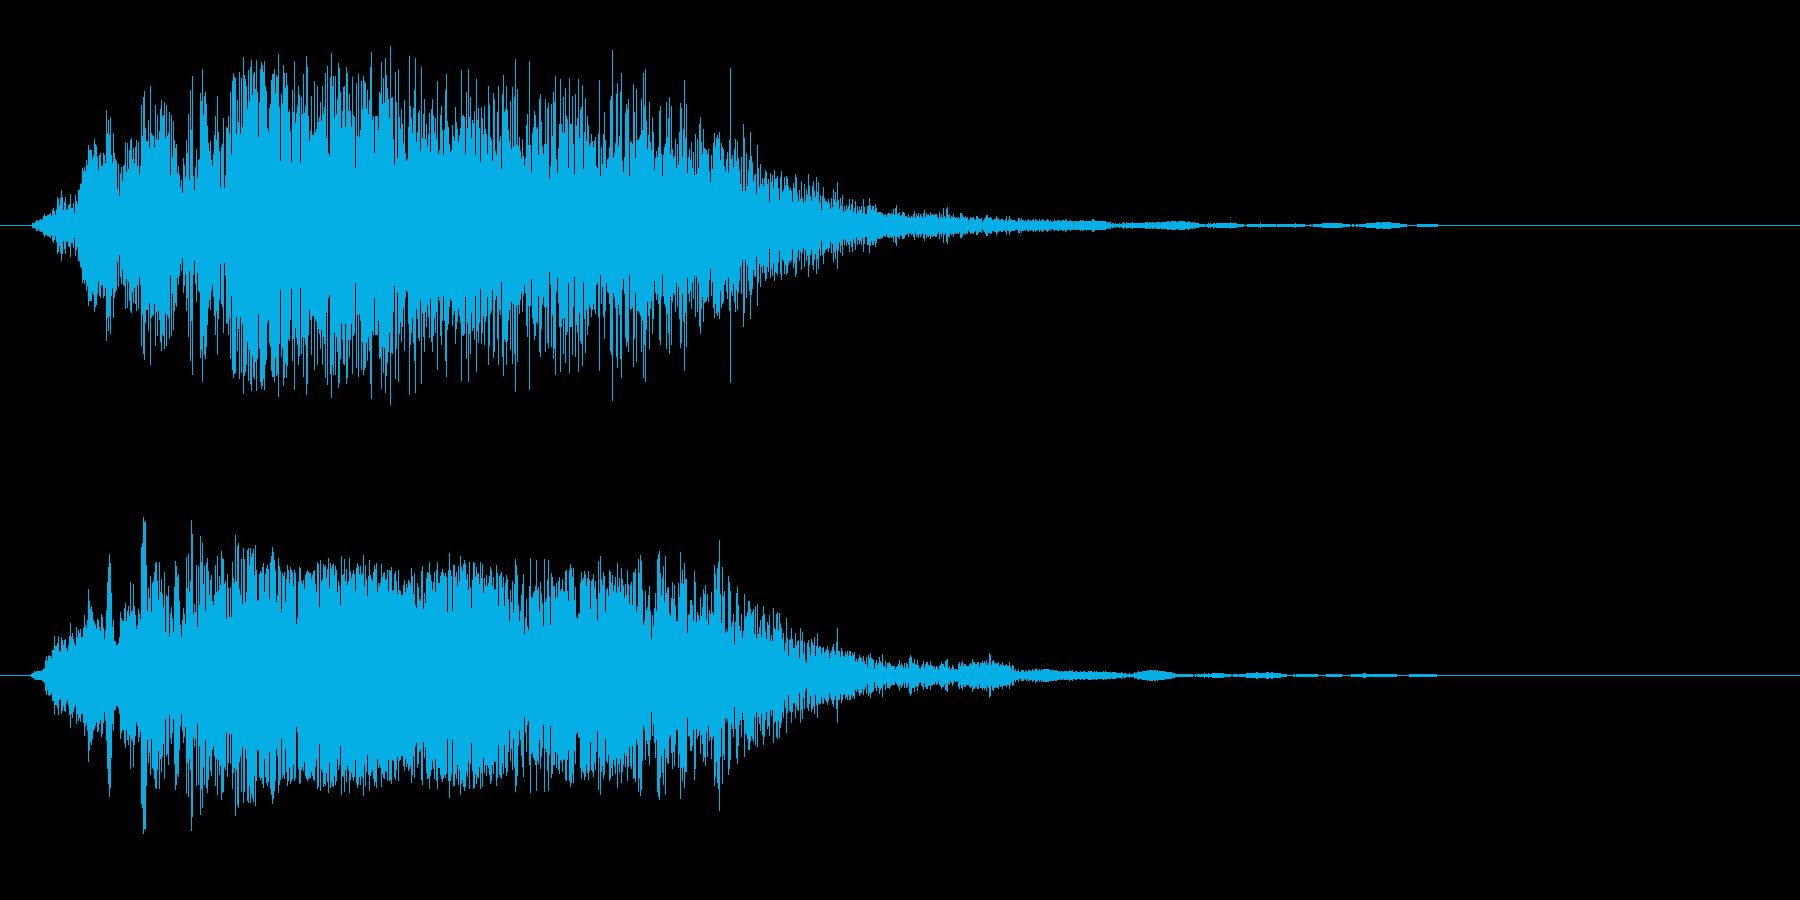 くしゃみ(ハックシュン)の再生済みの波形